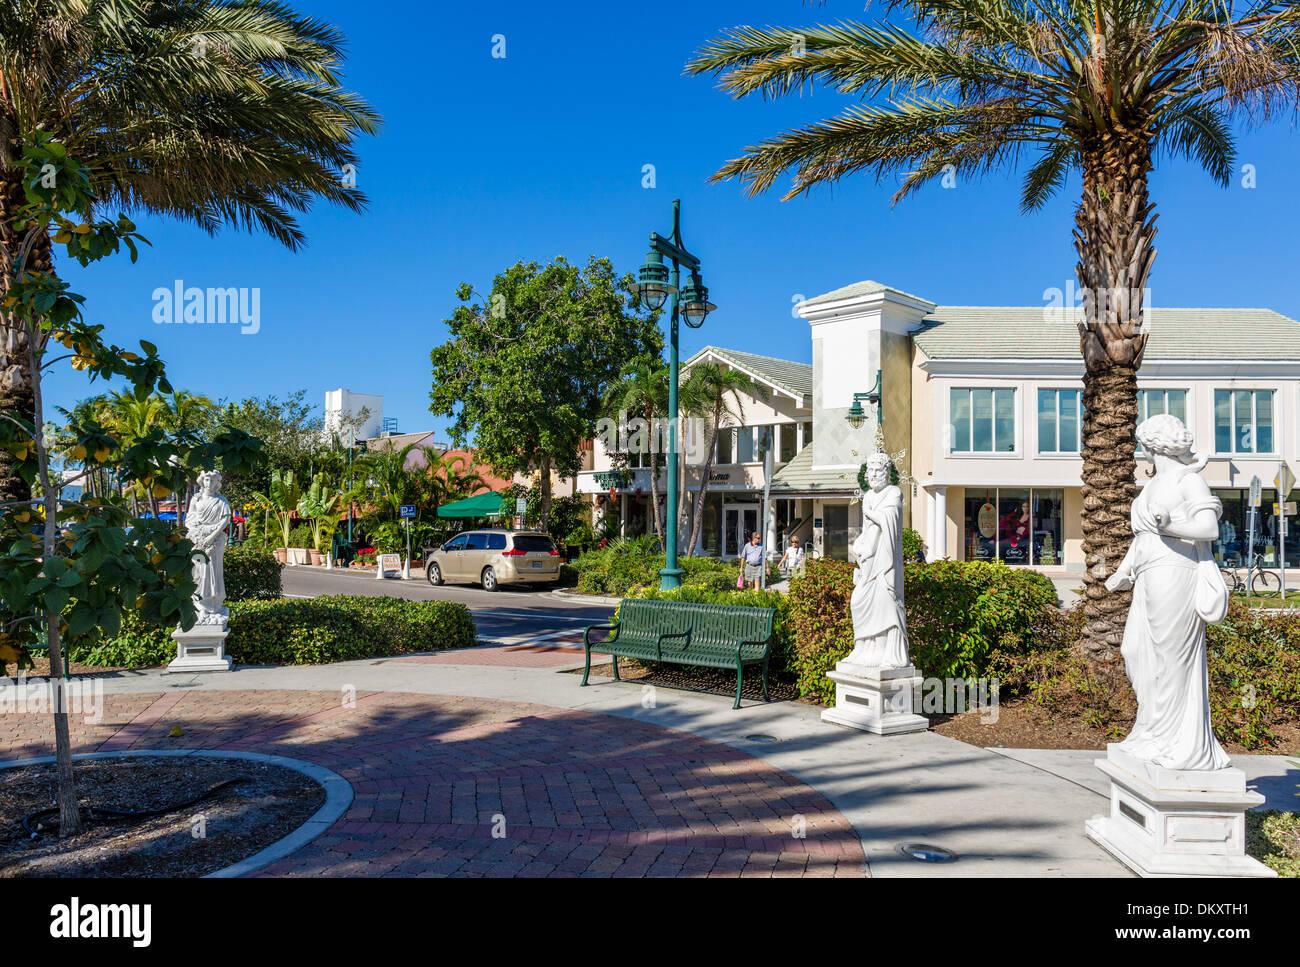 St Armand's Circle, St Armand's Key, Sarasota, Florida, la Costa del Golfo de EE.UU. Foto de stock